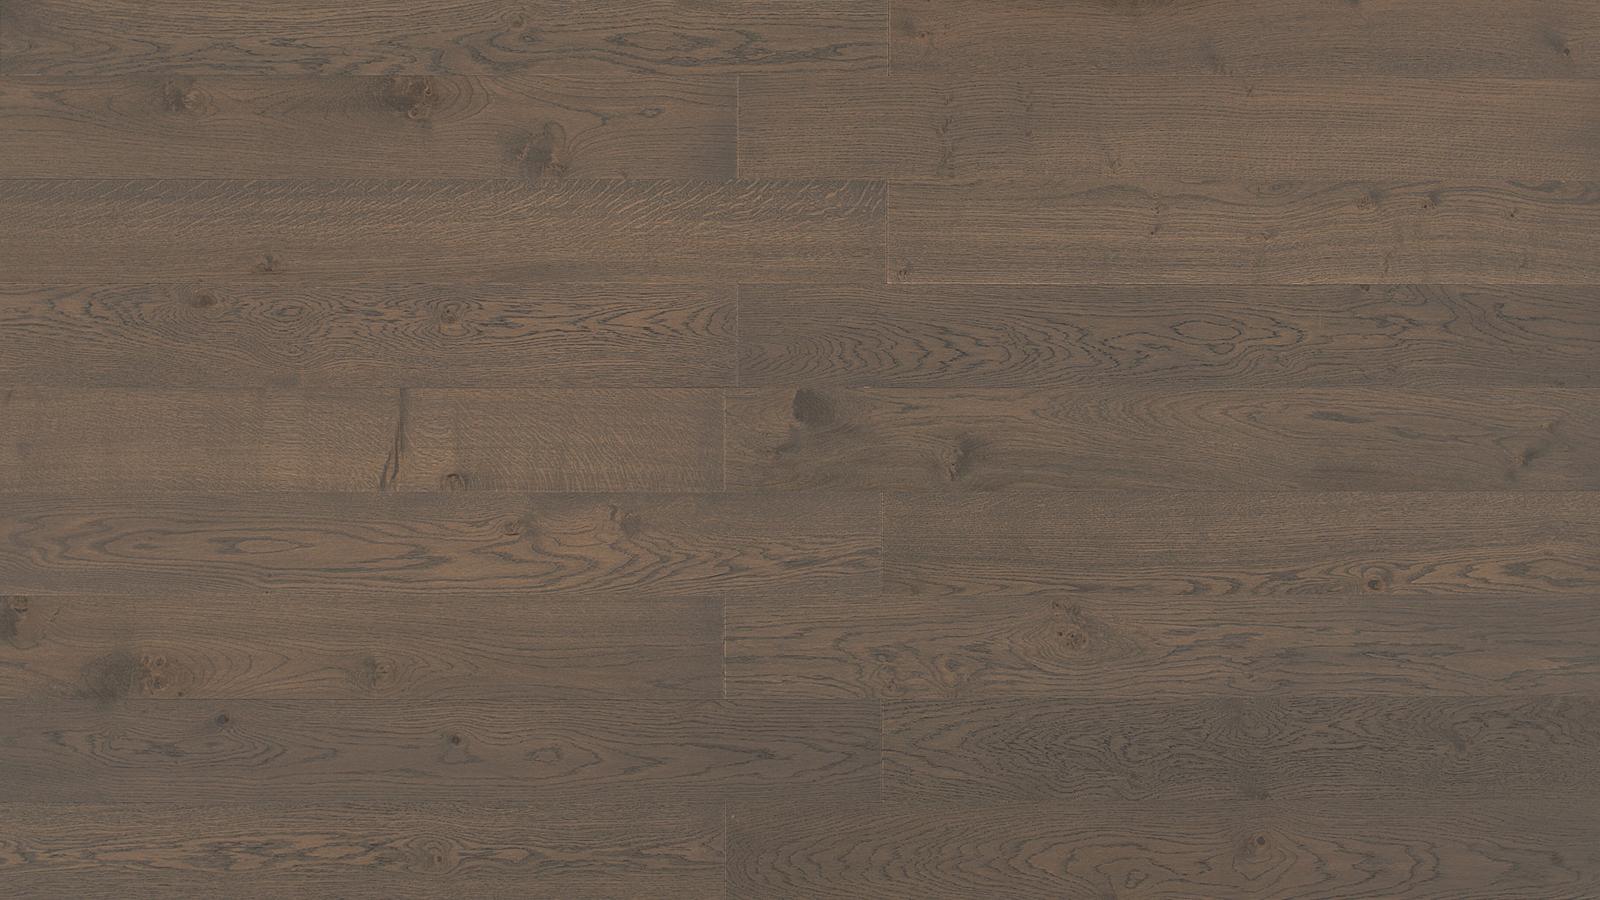 A Listone Giordano tömör tölgyfa parkettái a legmagasabb minőséget képviselik a padlóburkolatok terén. Az 1870-ben alapított vállalkozás, mely mindig a legújabb technológiákat alkalmazza, mindent tud a tölgyfáról és annak színezéséről is – itt épp a Tamarindo árnyalat látható.